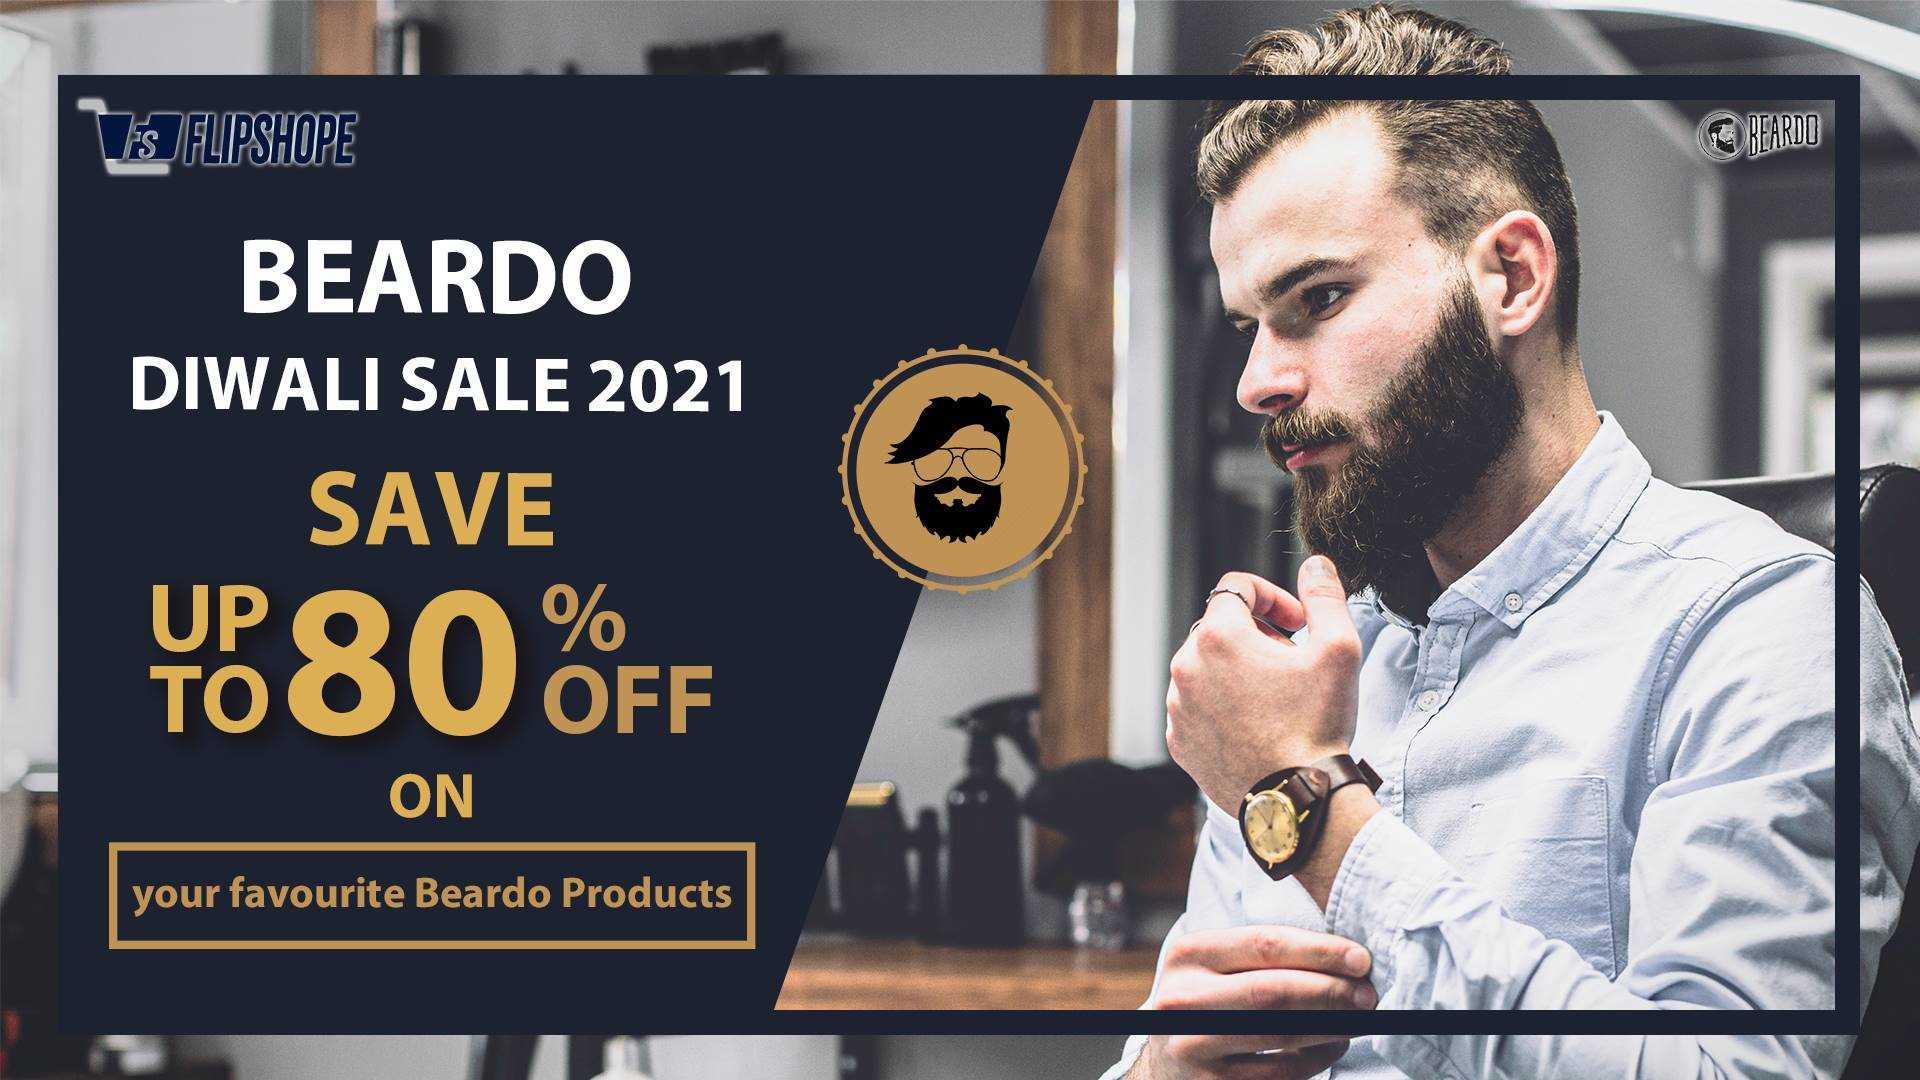 Beardo Diwali Sale